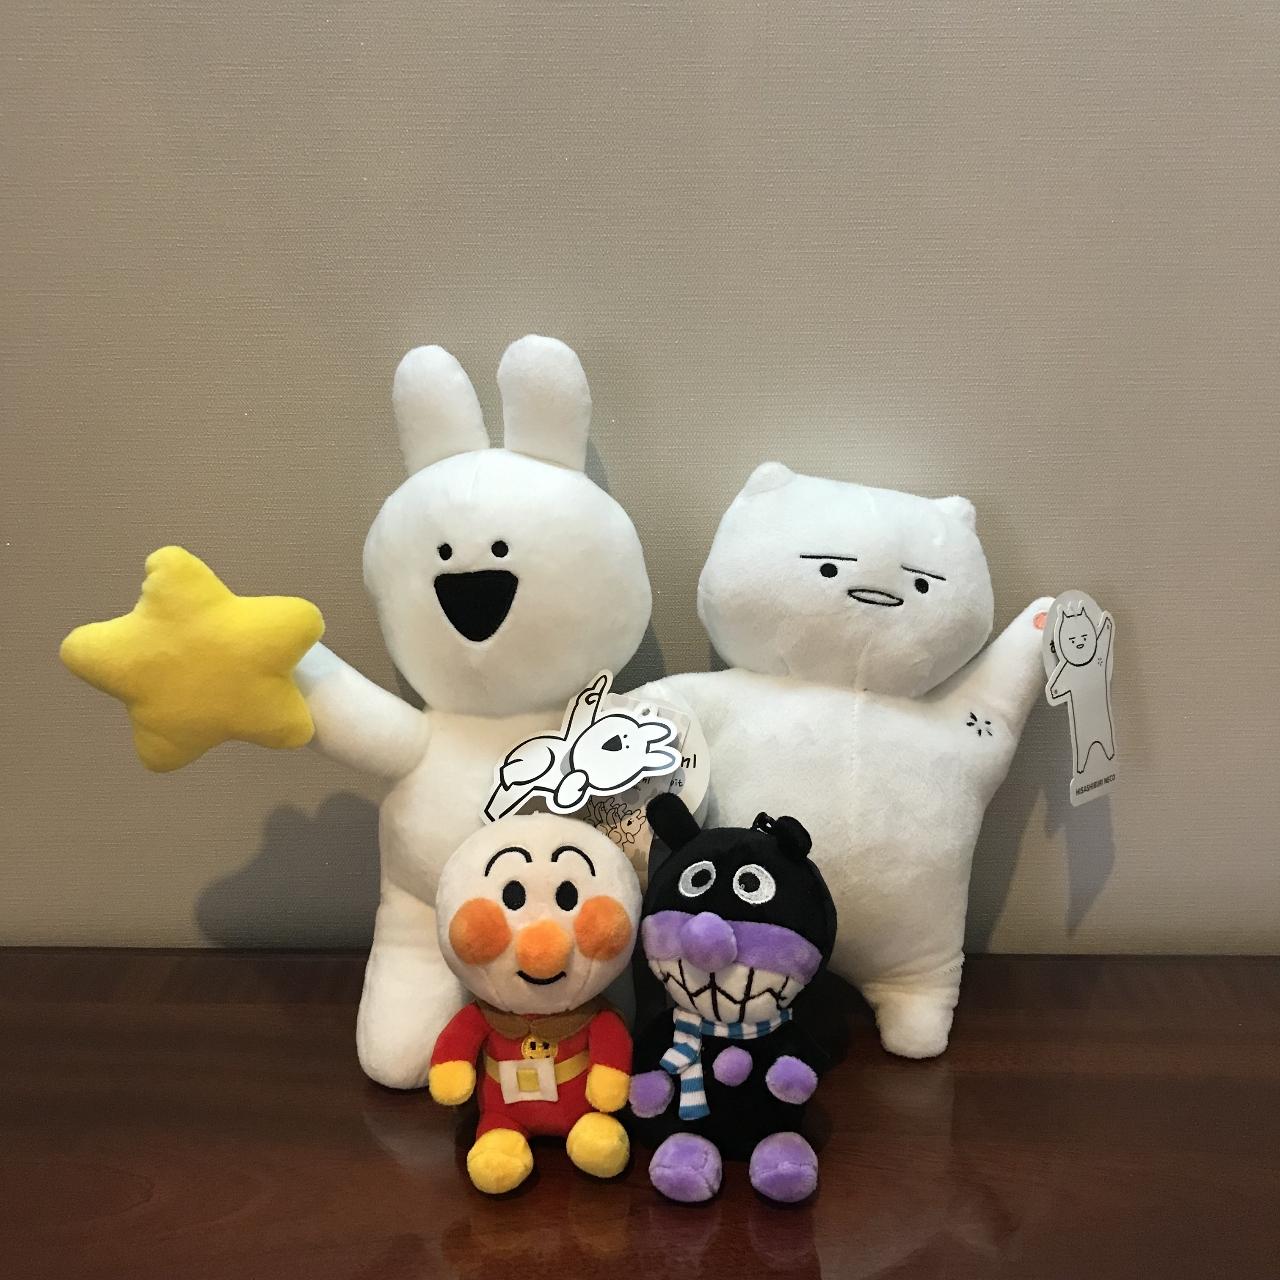 이모티콘 캐릭터,호빵맨,세균맨(미사용)